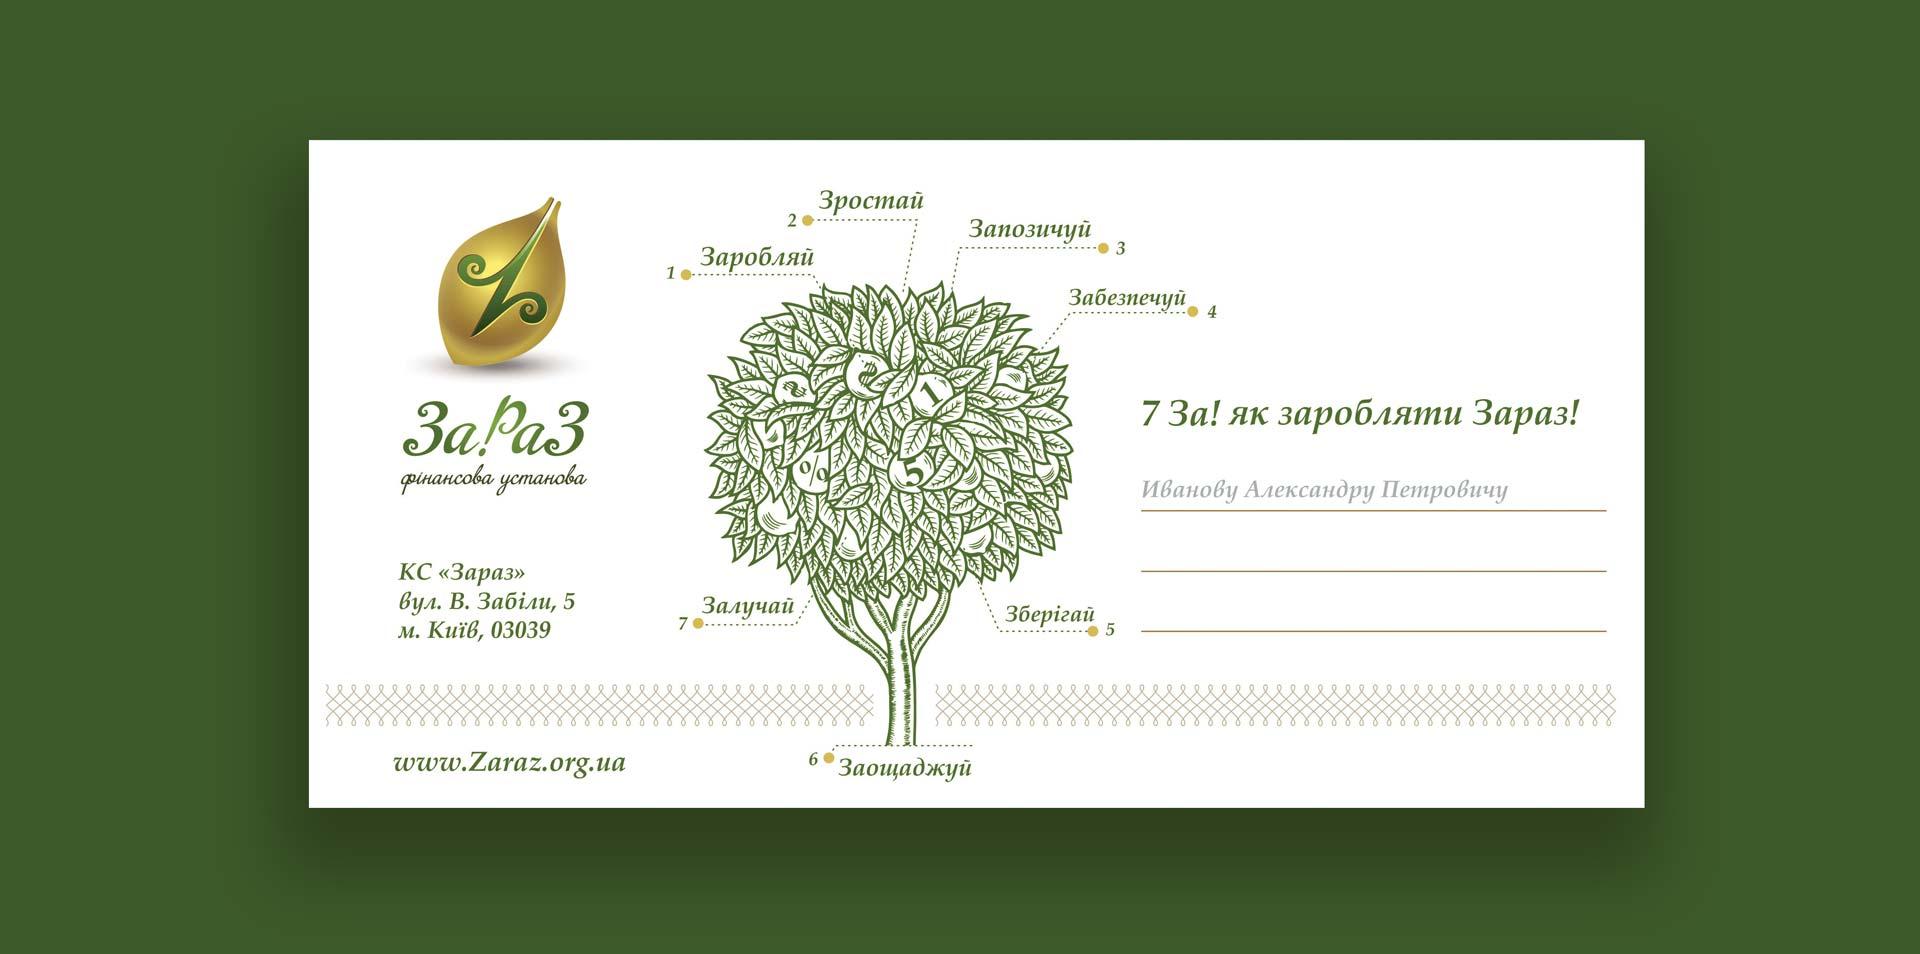 дизайн конверта финансовой компании